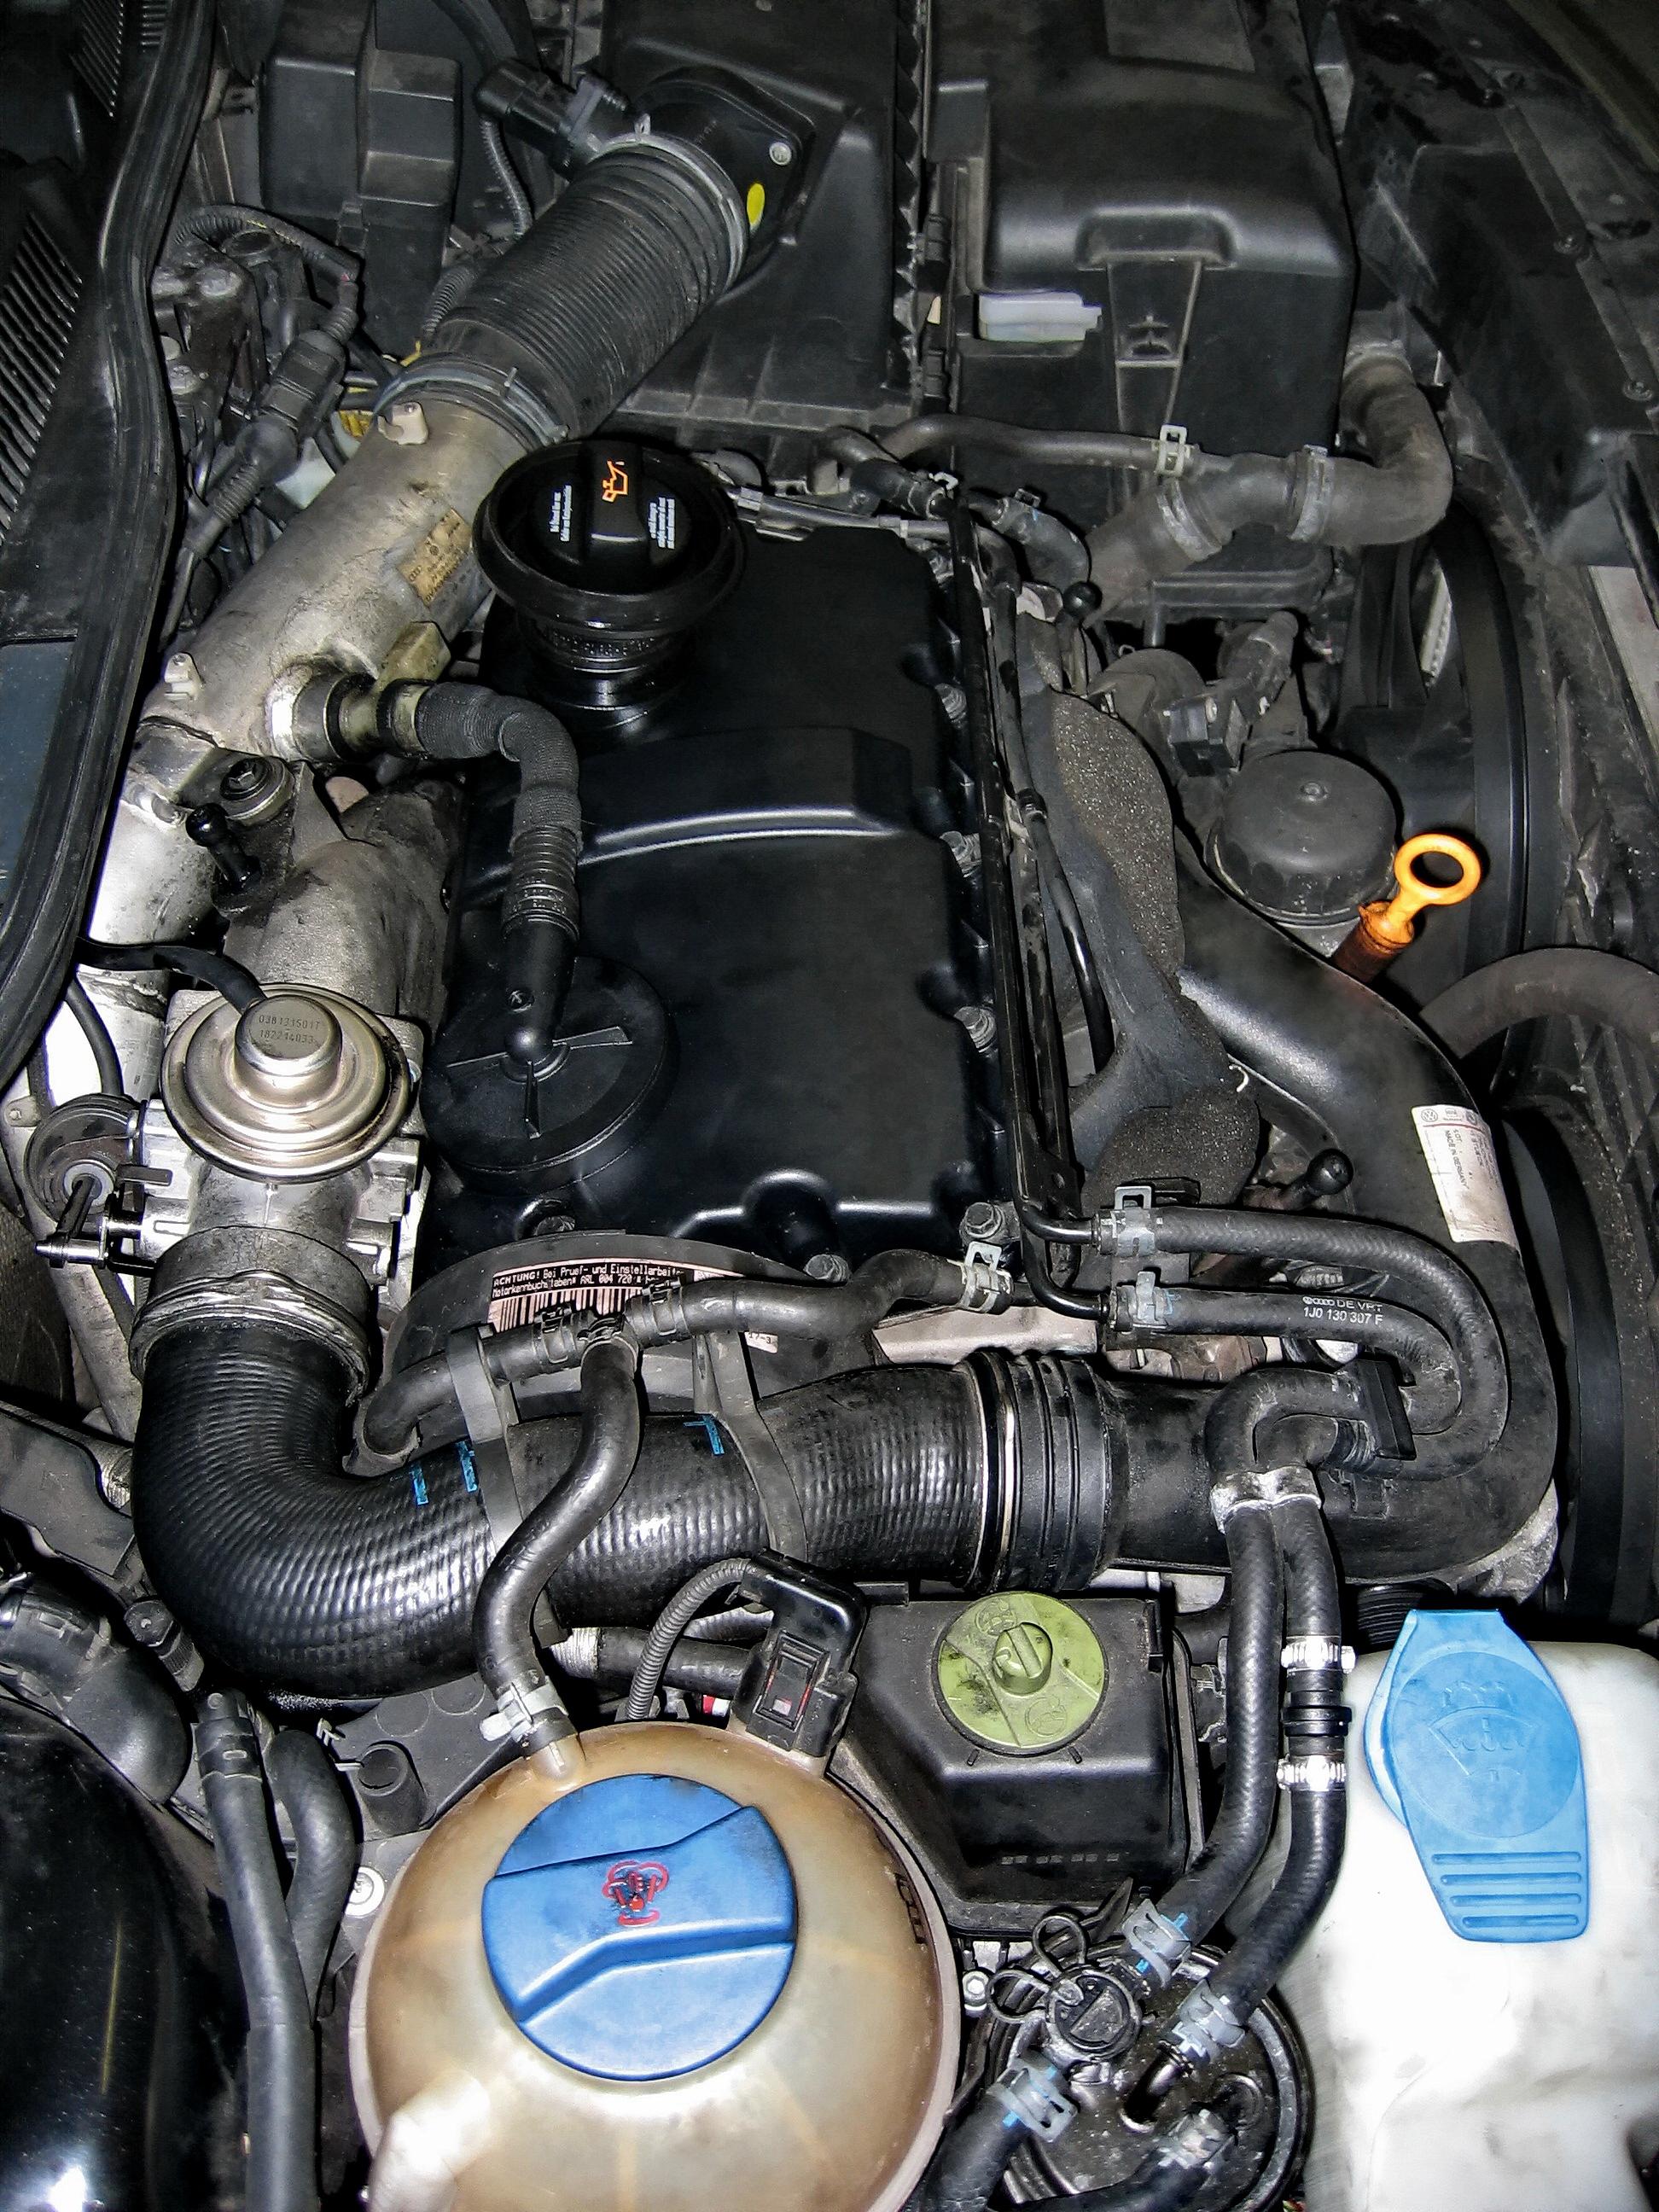 File:Dieselmotor Golf IV TDI 1.9 ARL 110kW - BJ 2001 - 128Mm ...